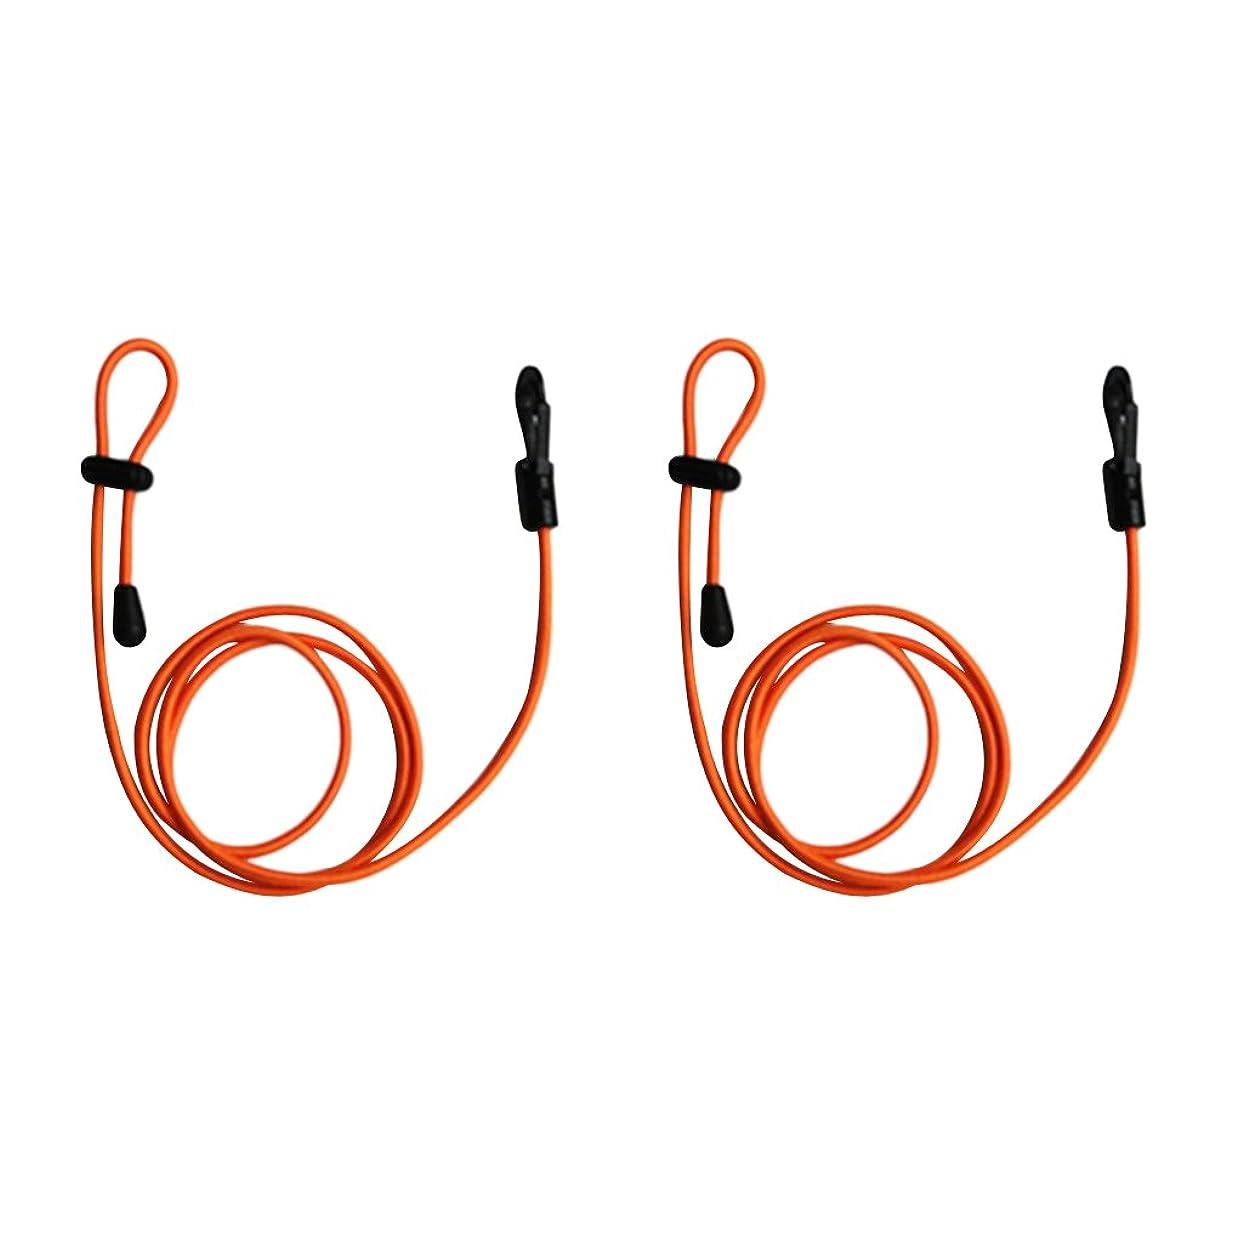 包囲オーチャード形式Lovoski 2本 カヌー ボート 釣り竿ストラップ パドルリーシュ コード リーシュ ロープ 1.2m 全5色 - オレンジ